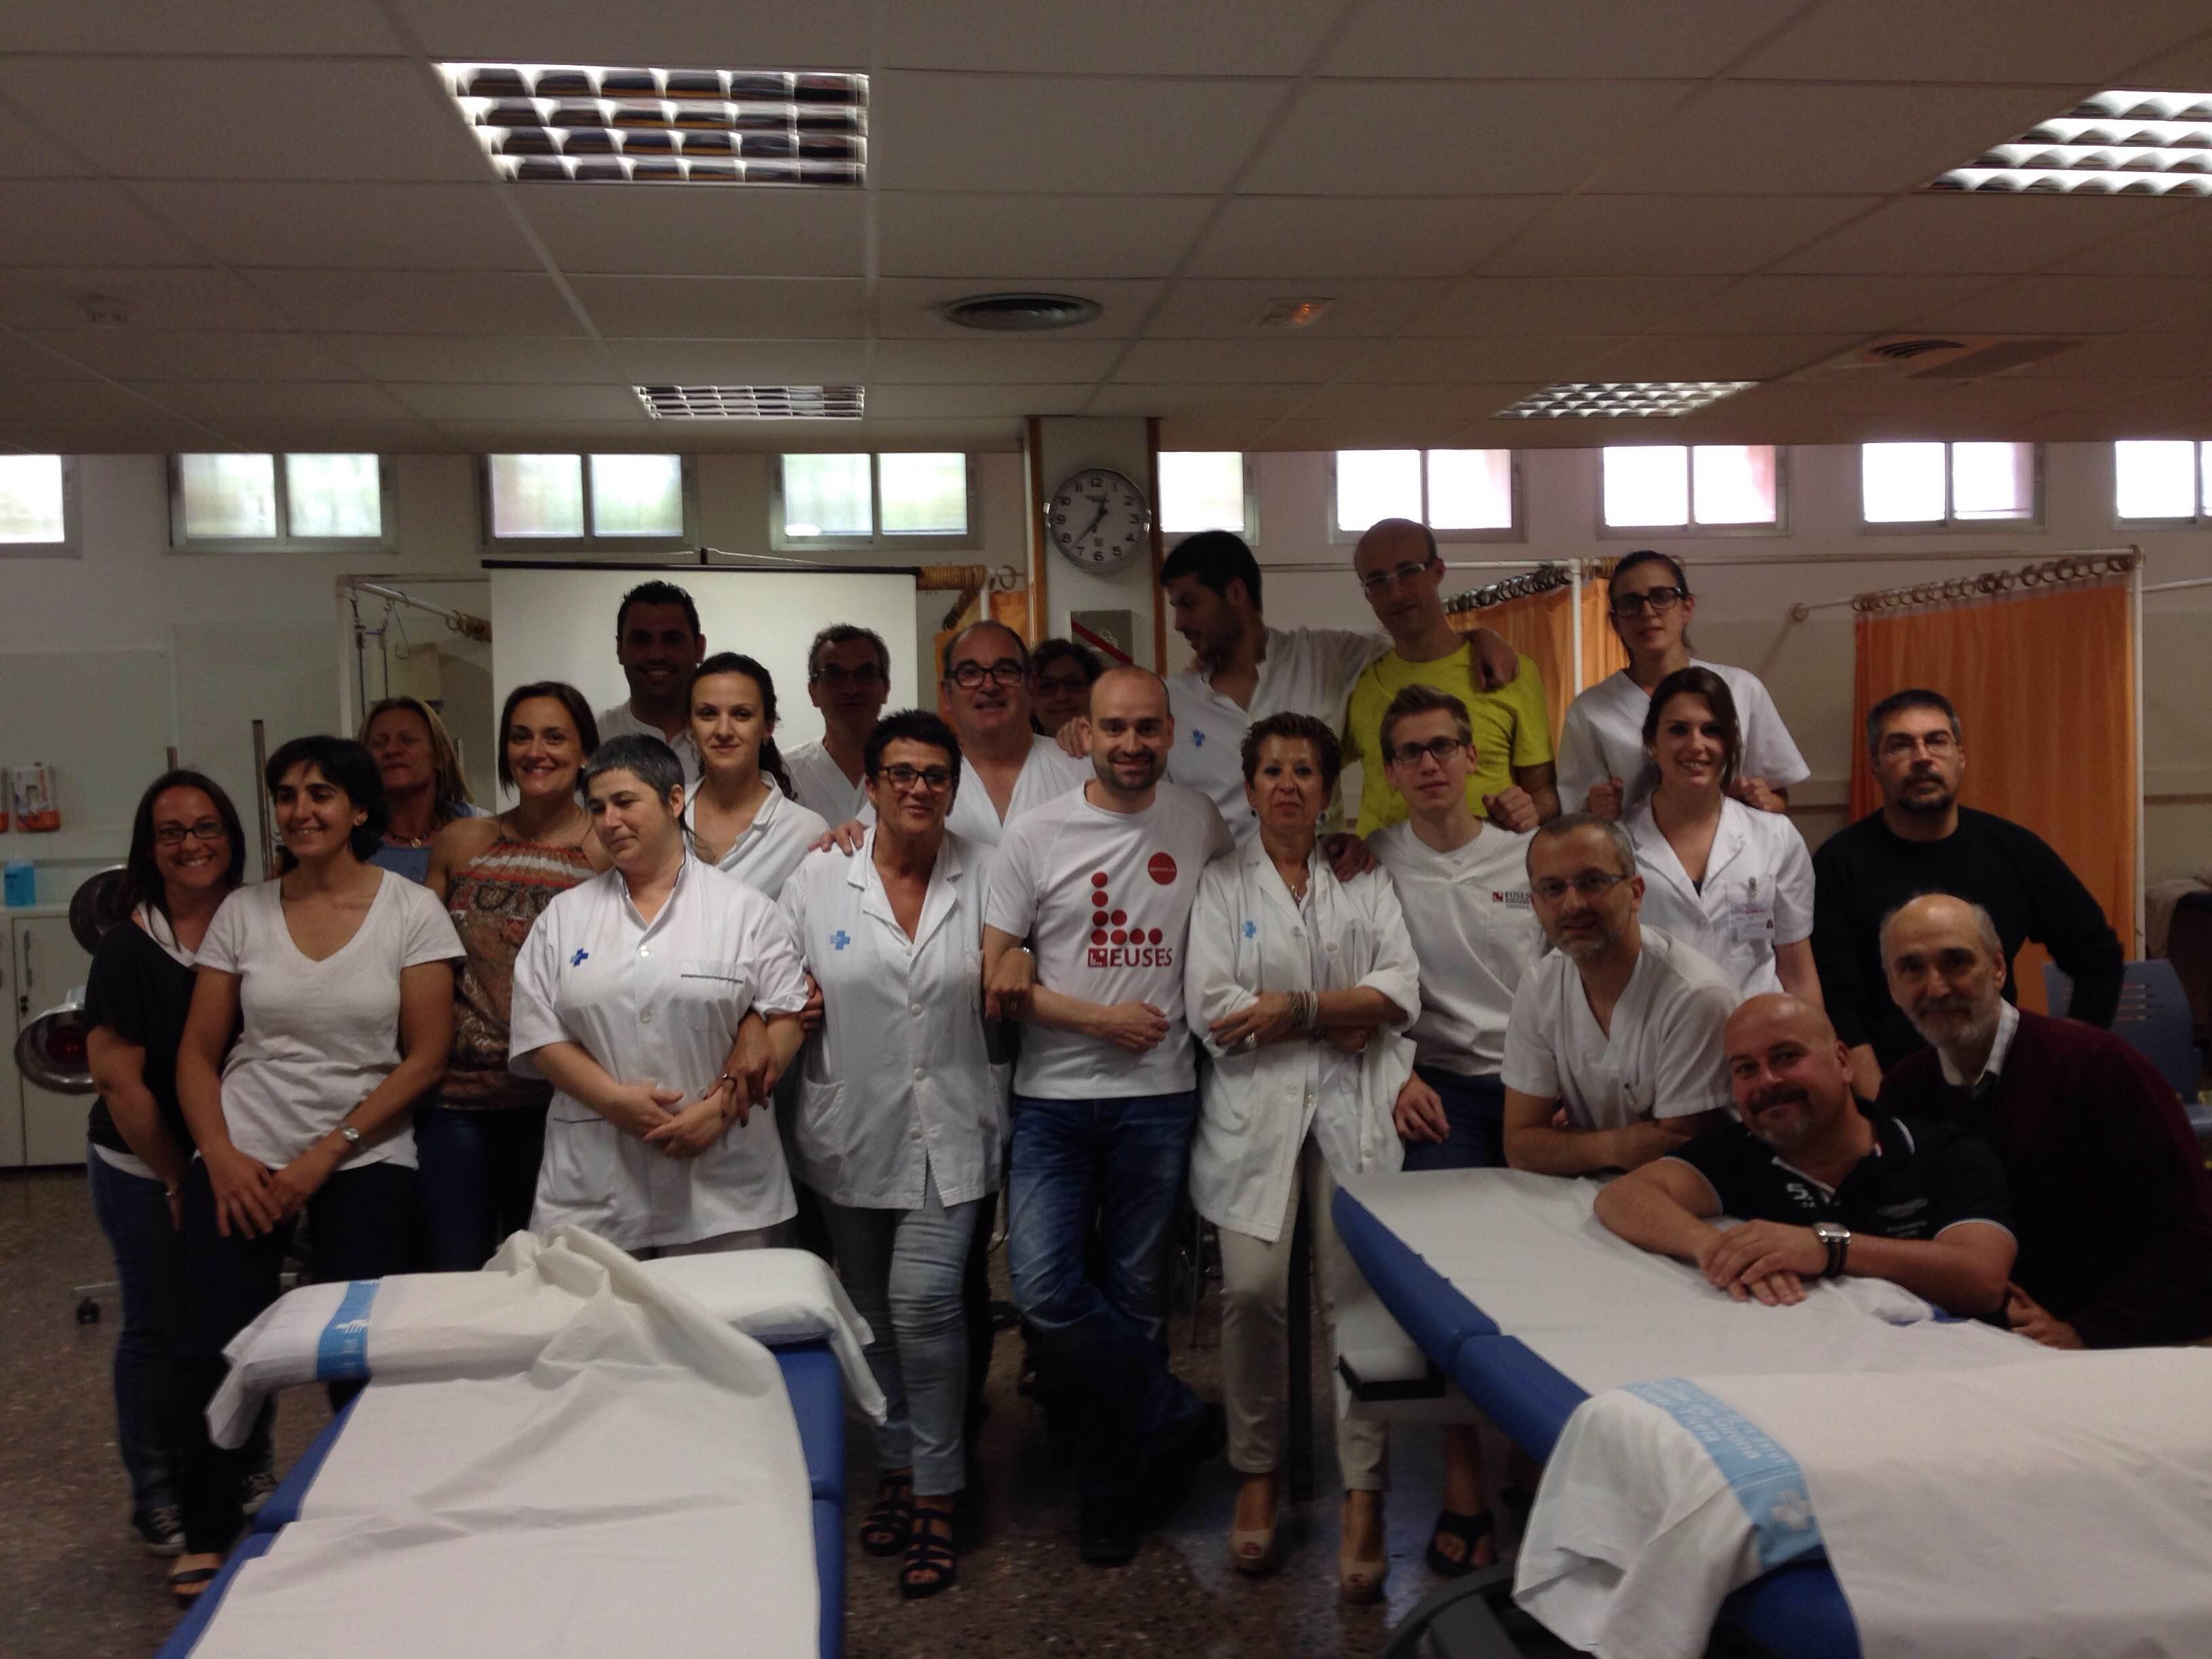 Curs d'Ismael Martí als professionals del servei de fisioteràpia del CAP Güell i de l'Hospital Trueta